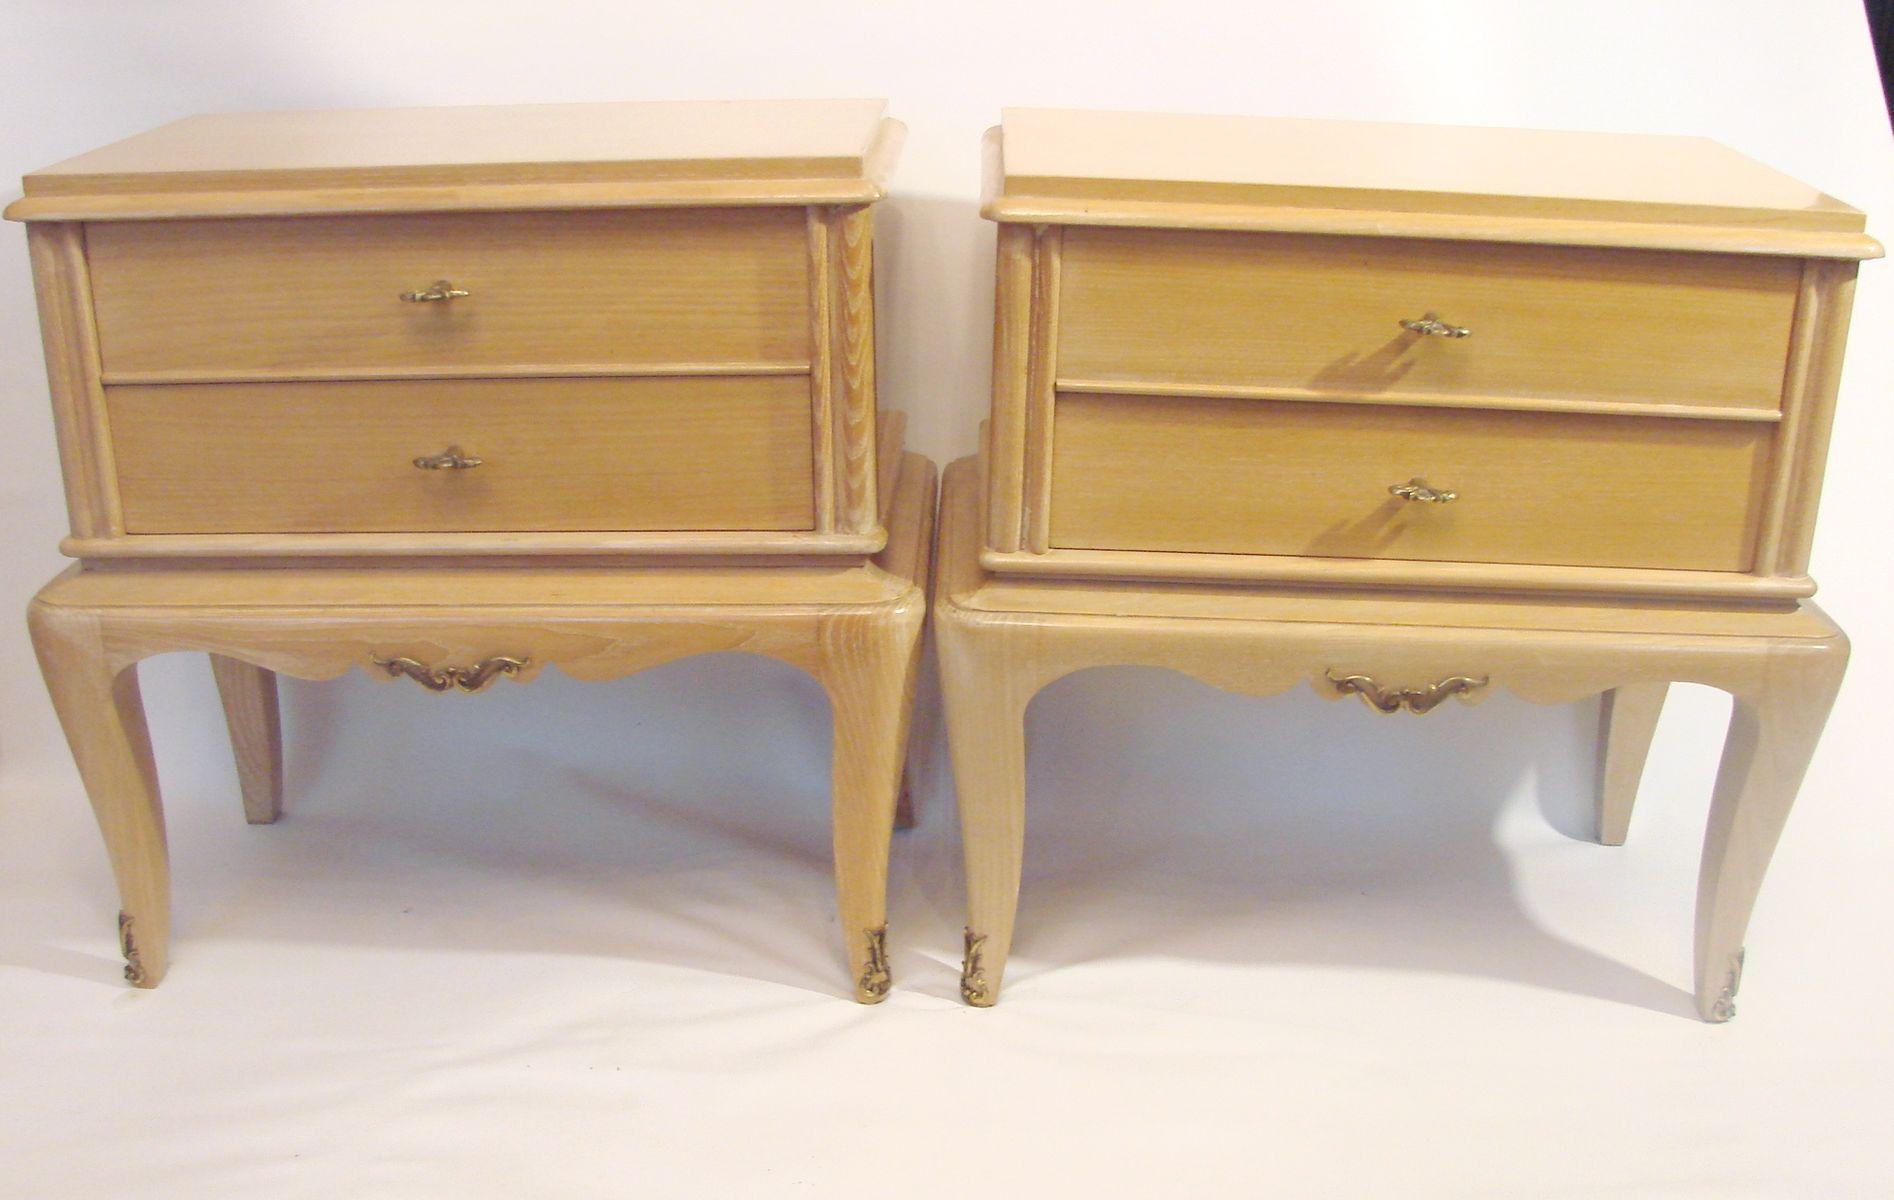 Meubles de chevet en bois massif 1960s set de 2 en vente - Meuble de chevet ...